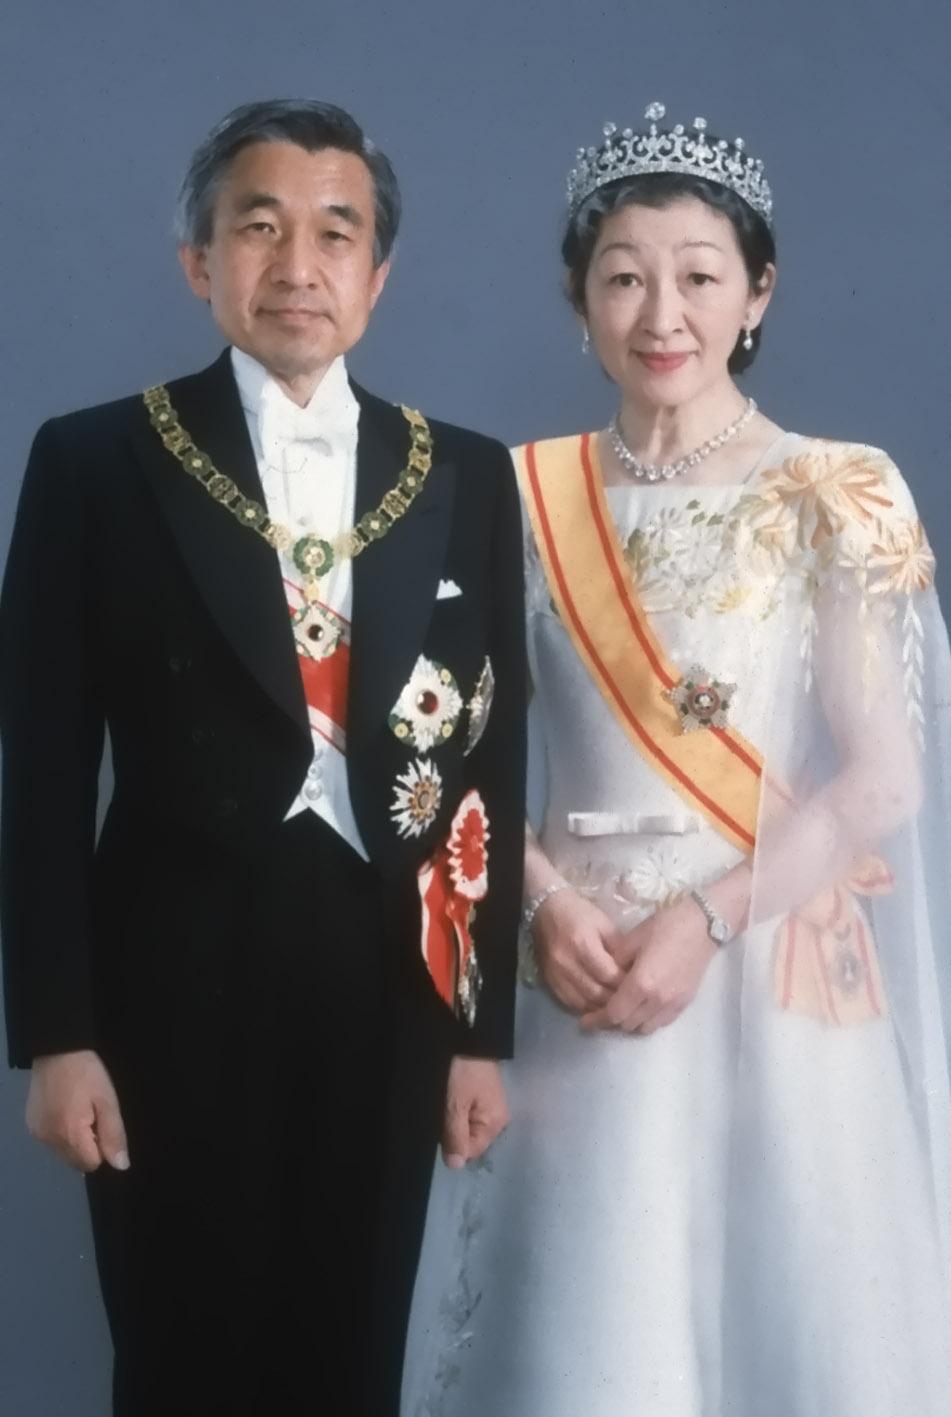 如何区别中国人和日本人 - 魔鬼教官 - 不明真相的围观群众——黄章晋